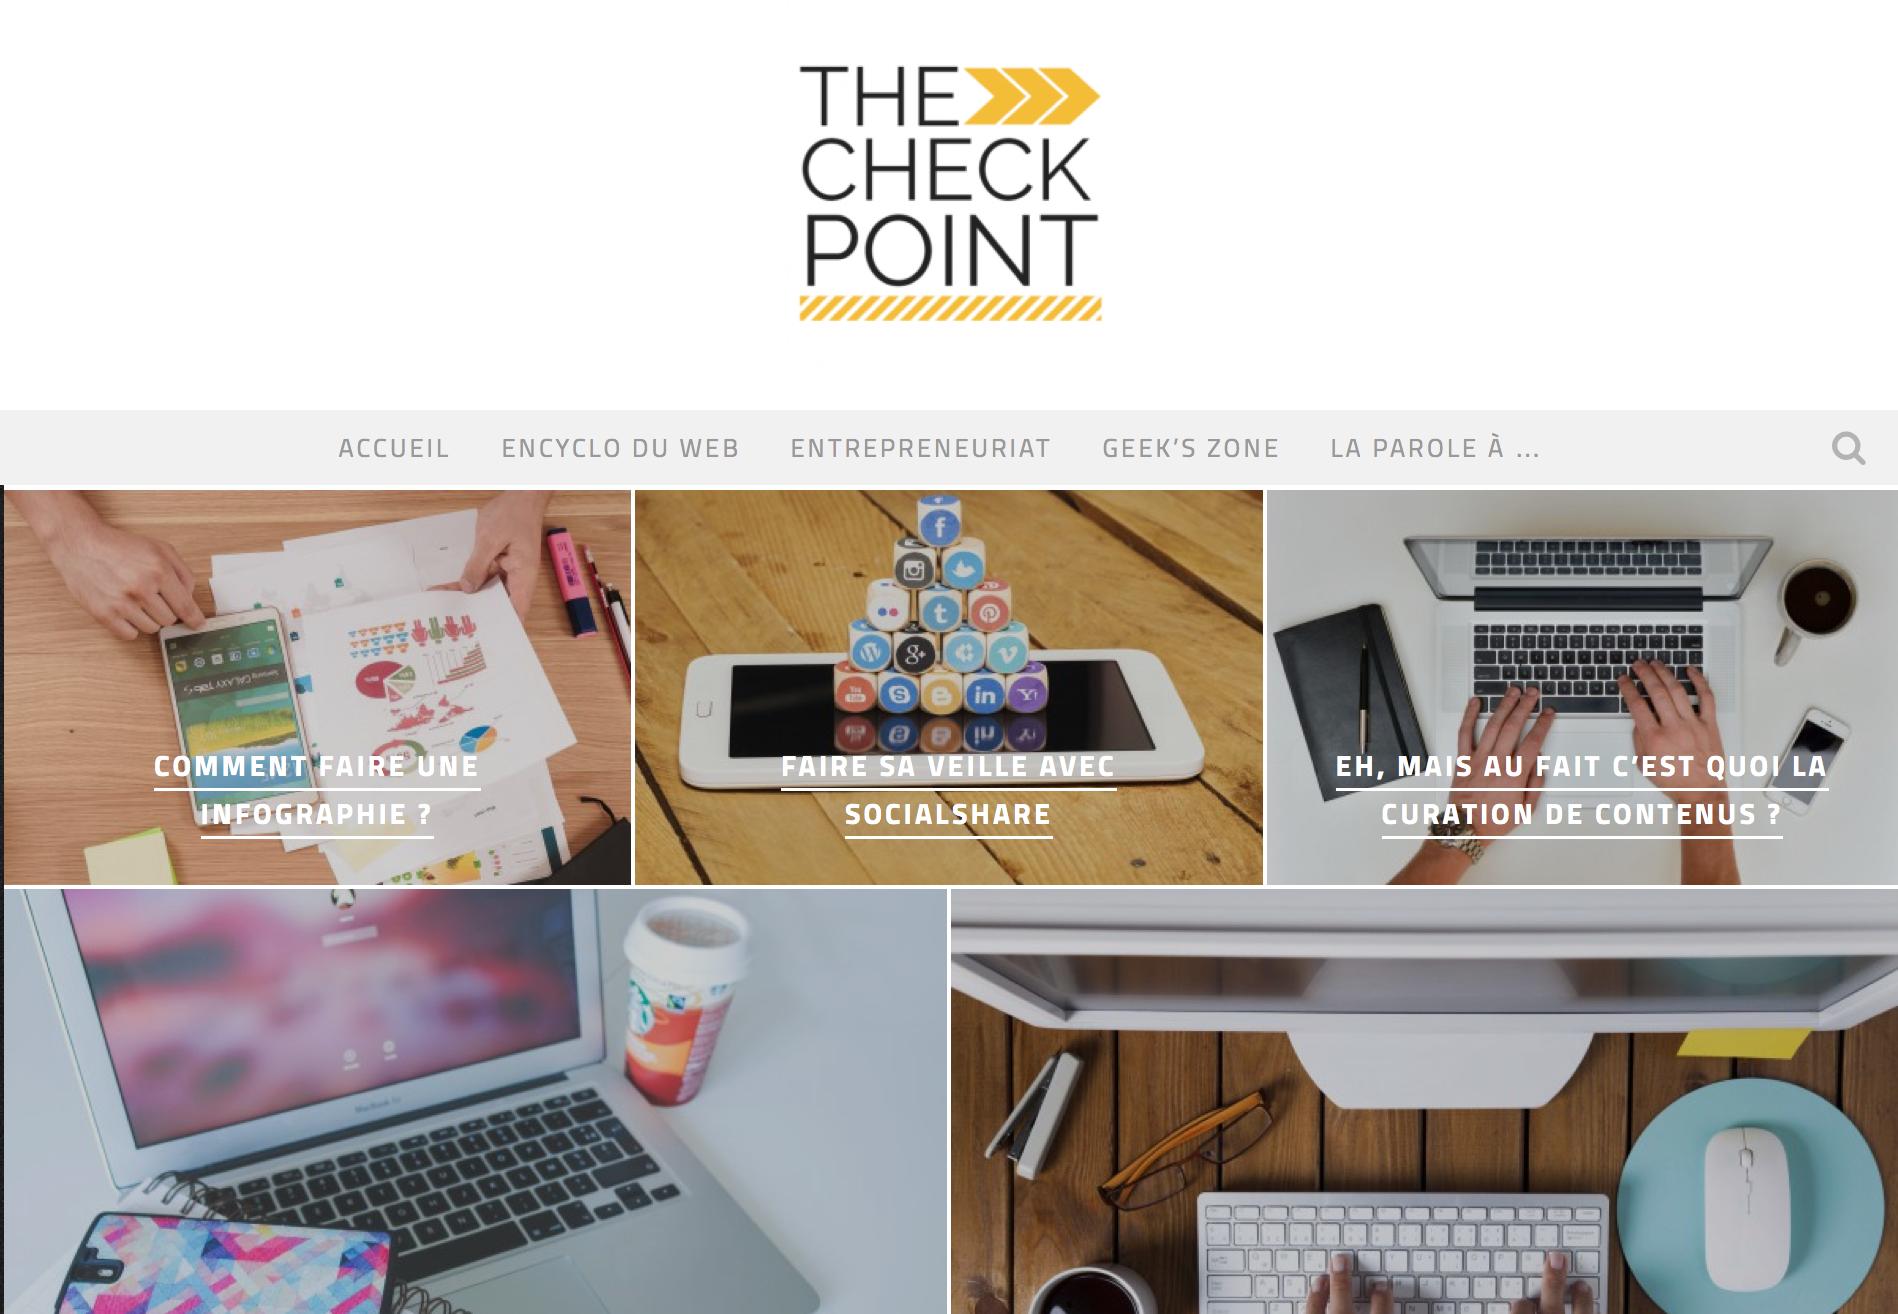 The checkpoint le blog pour tout comprendre des coulisses d'un blog